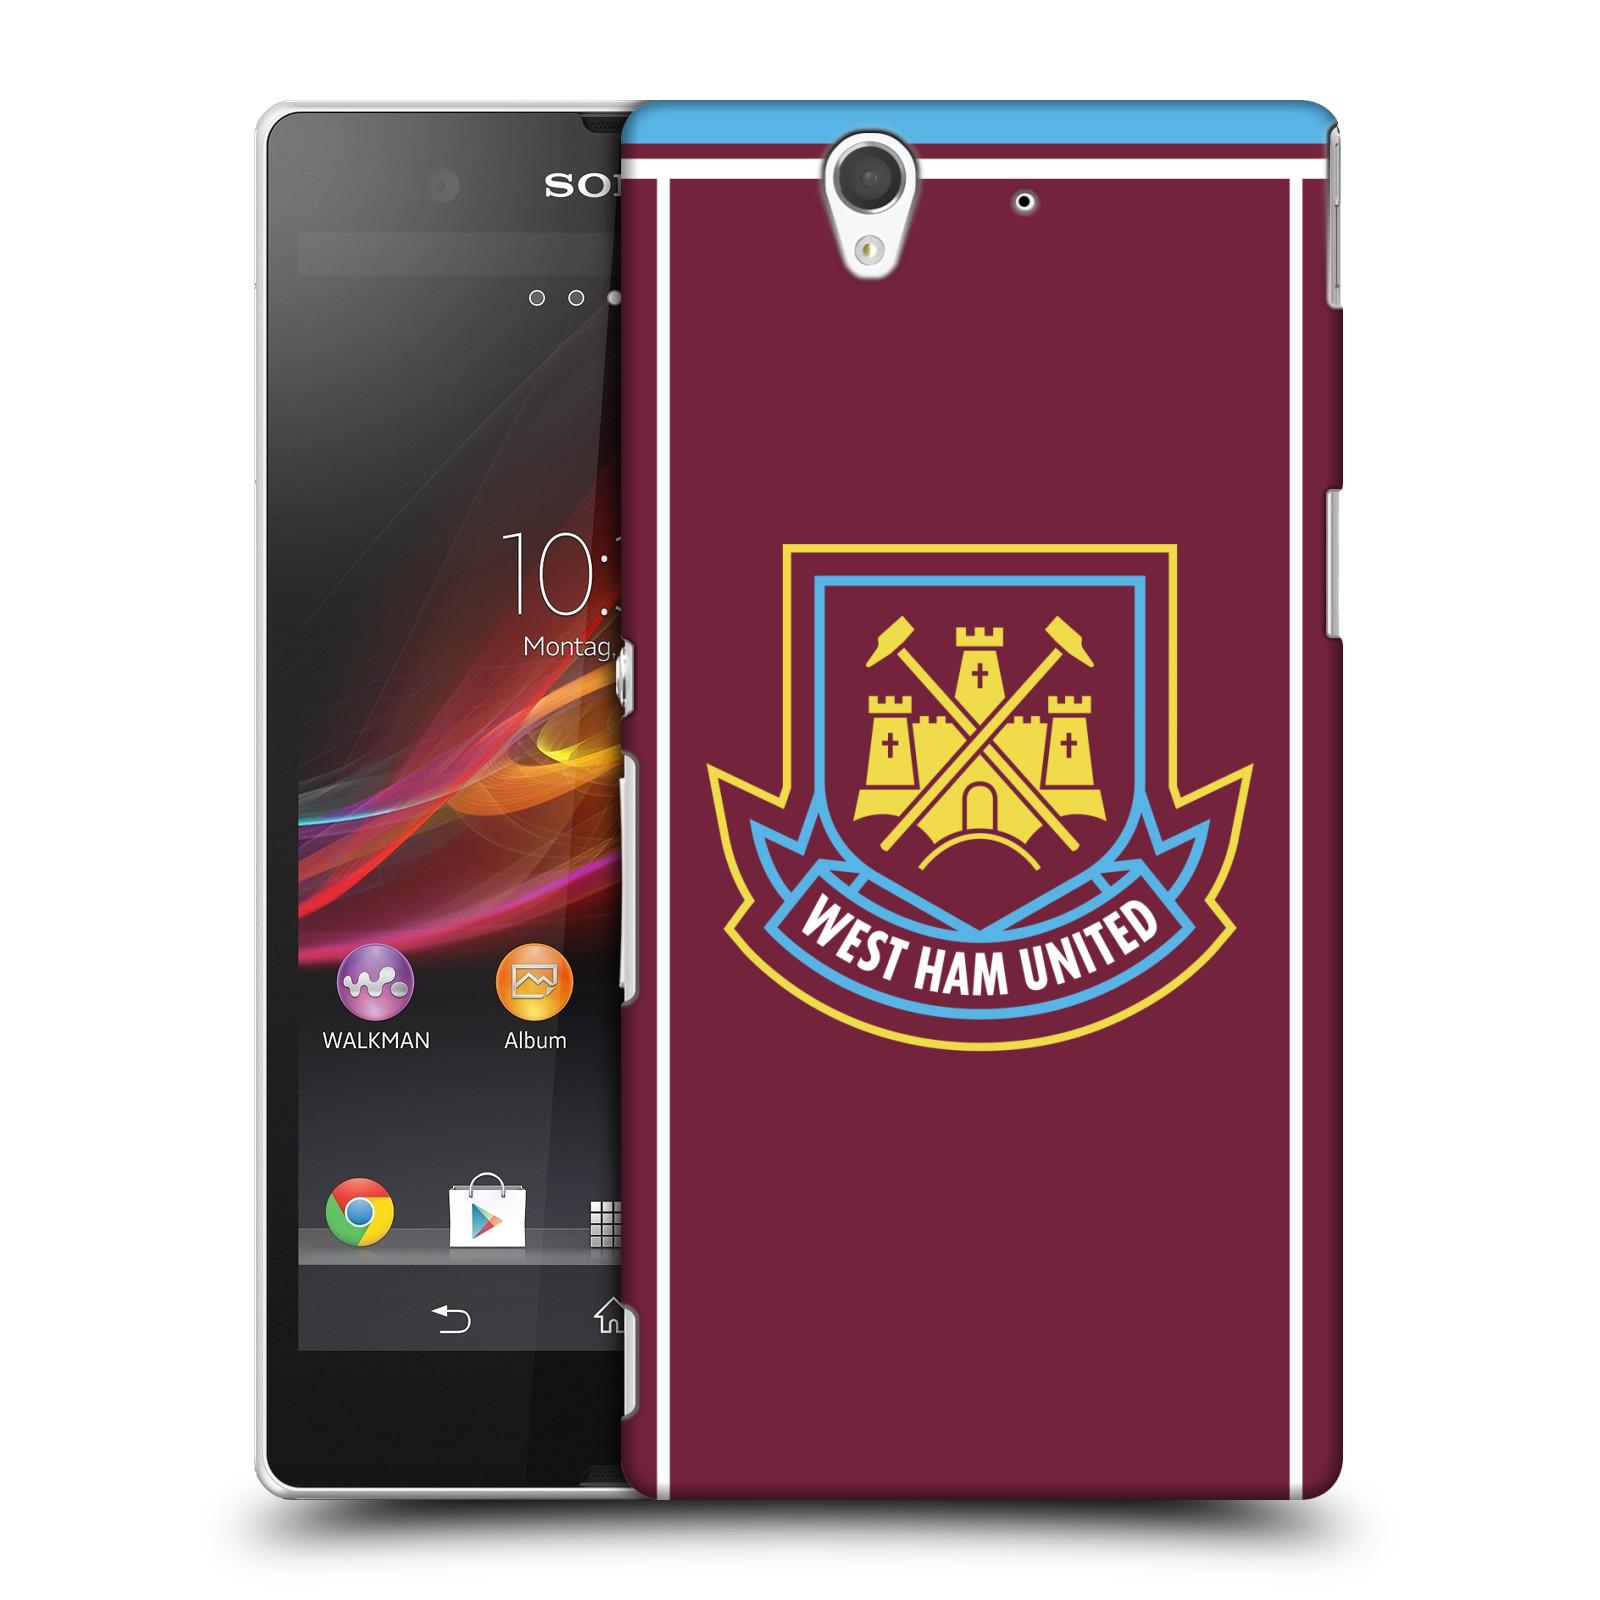 Plastové pouzdro na mobil Sony Xperia Z C6603 - Head Case - West Ham United - Retro znak